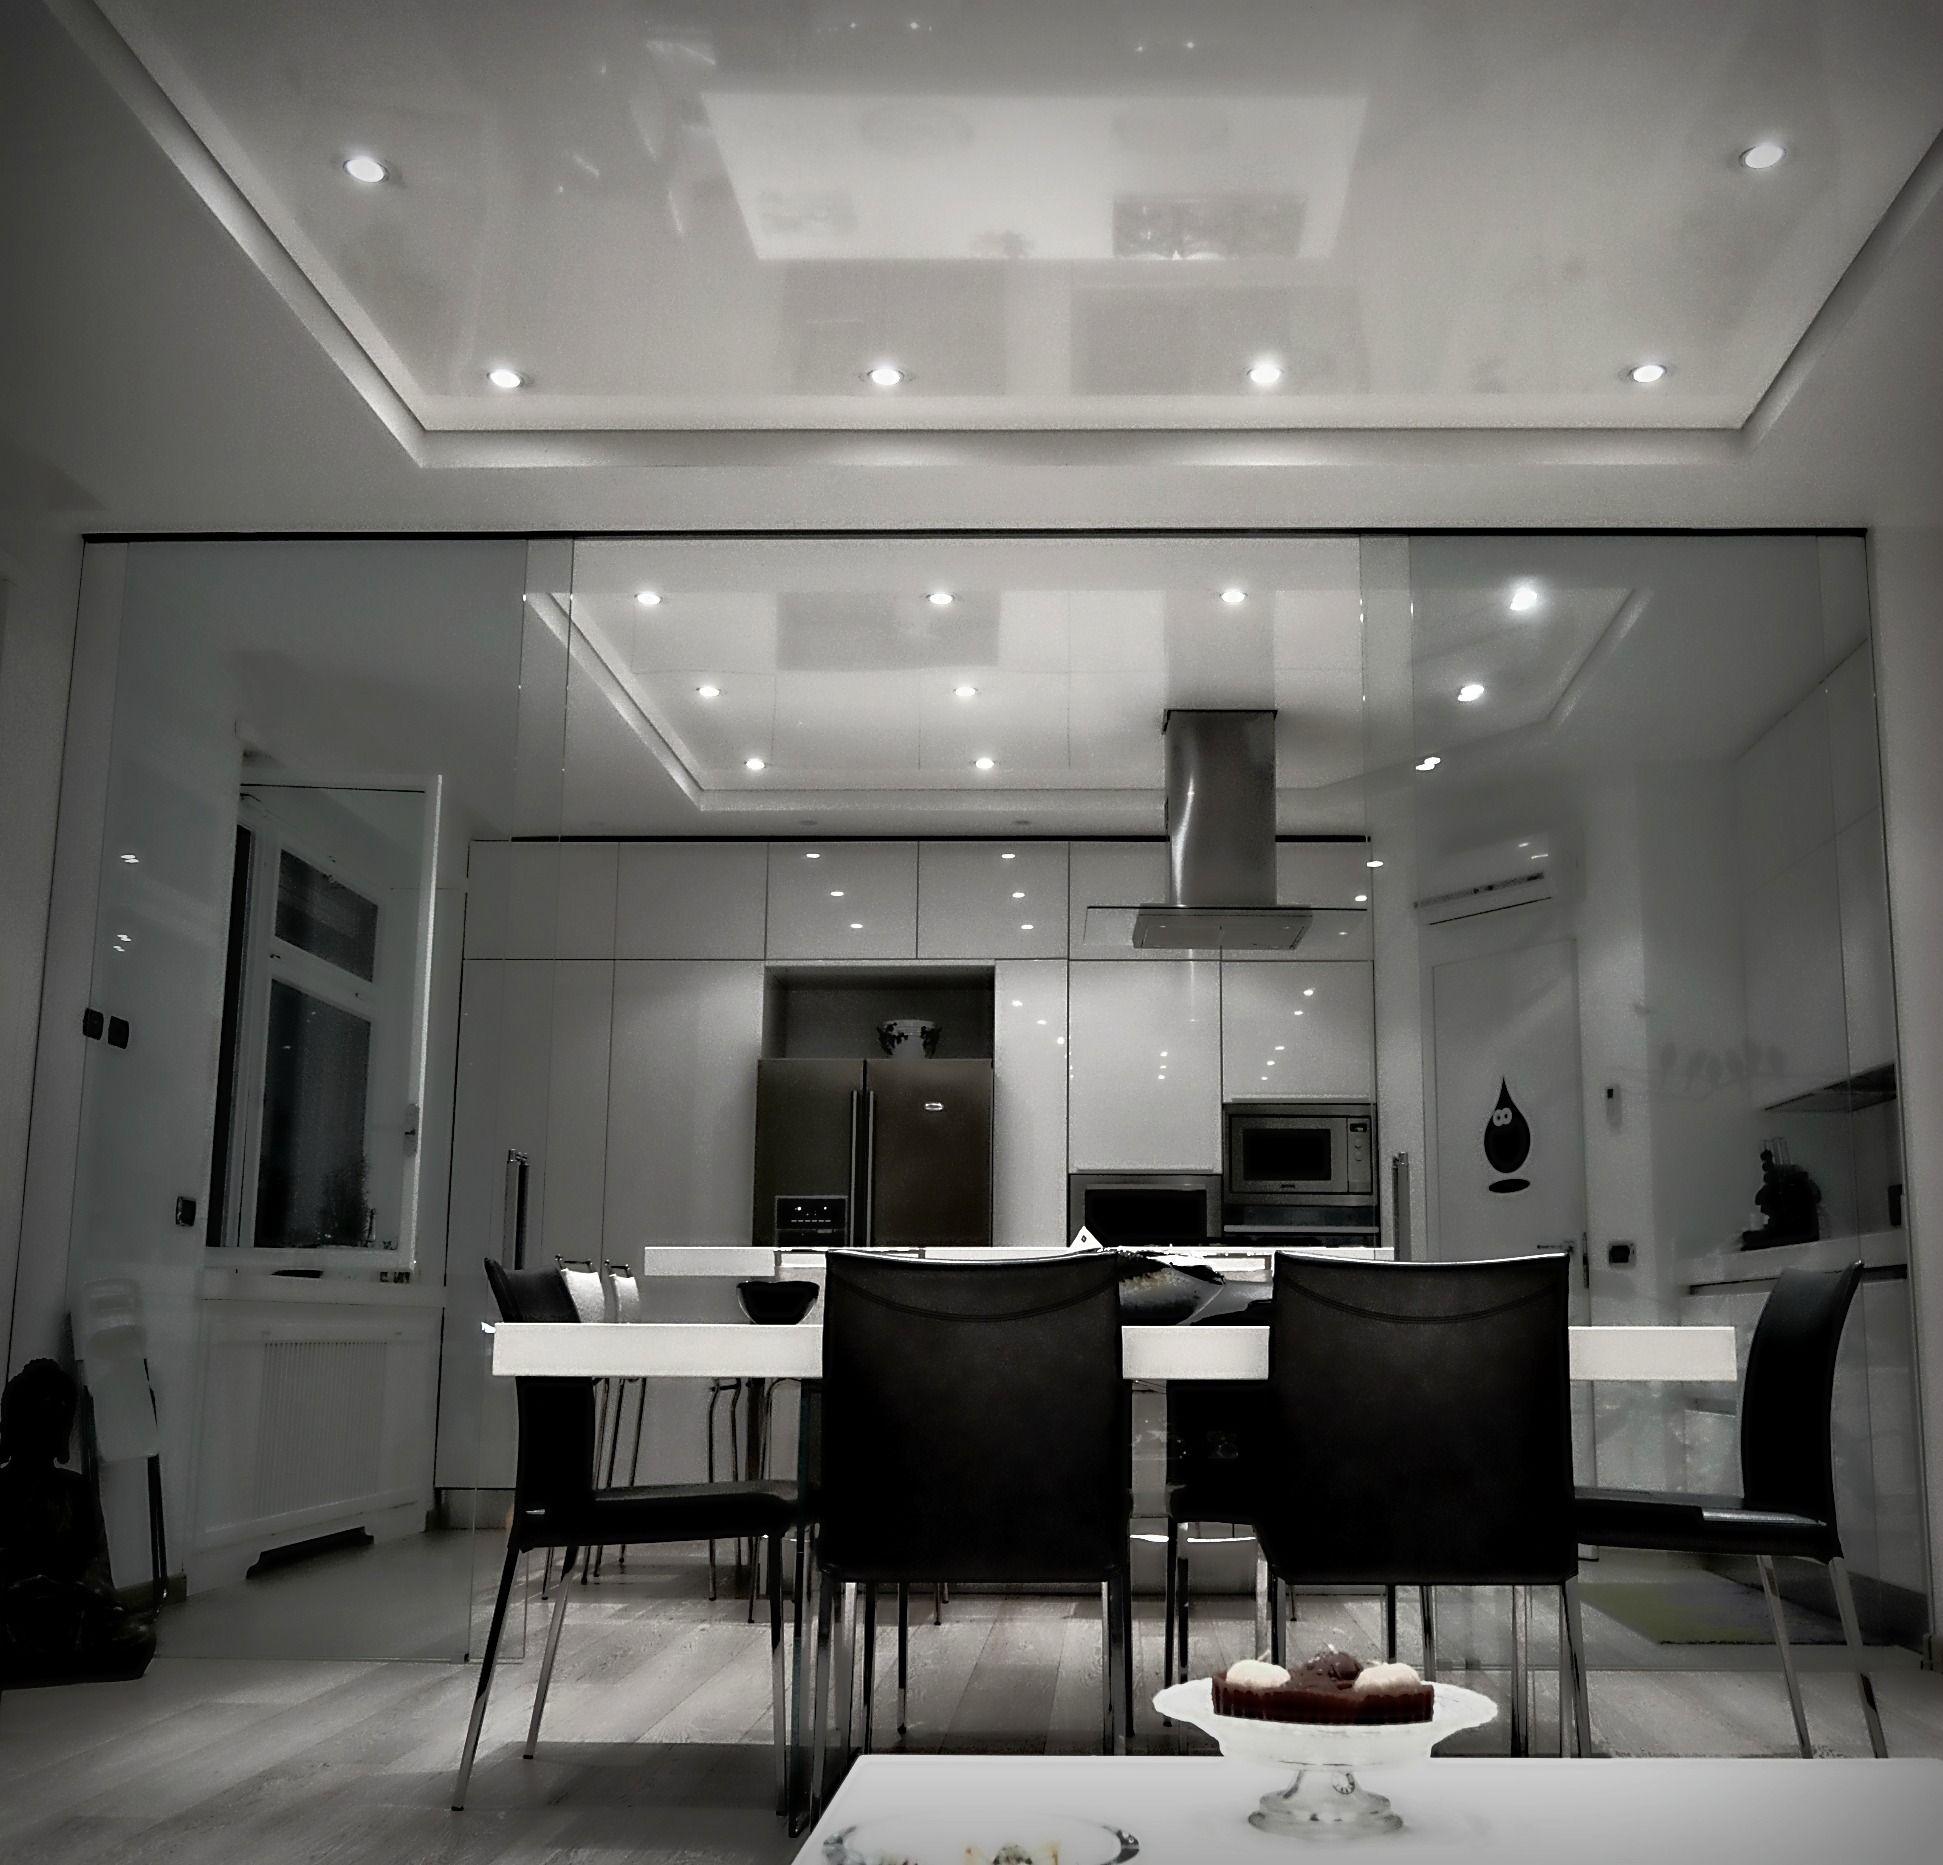 Appartamento privato Roma Home decor, Room